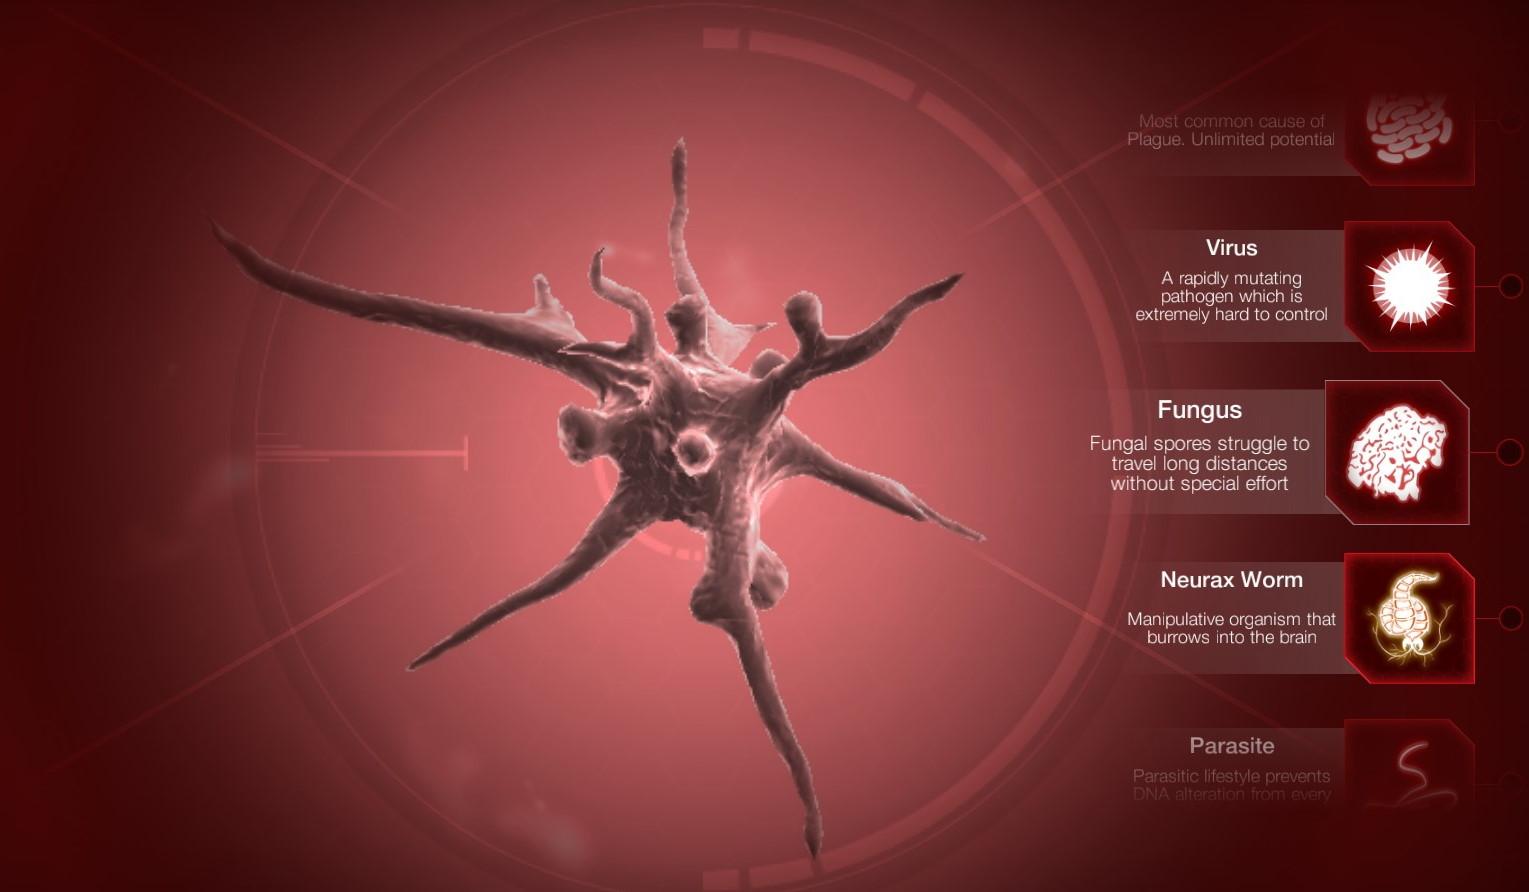 Hrozba coronaviru spustila enormní zájem o hru Plague Inc.